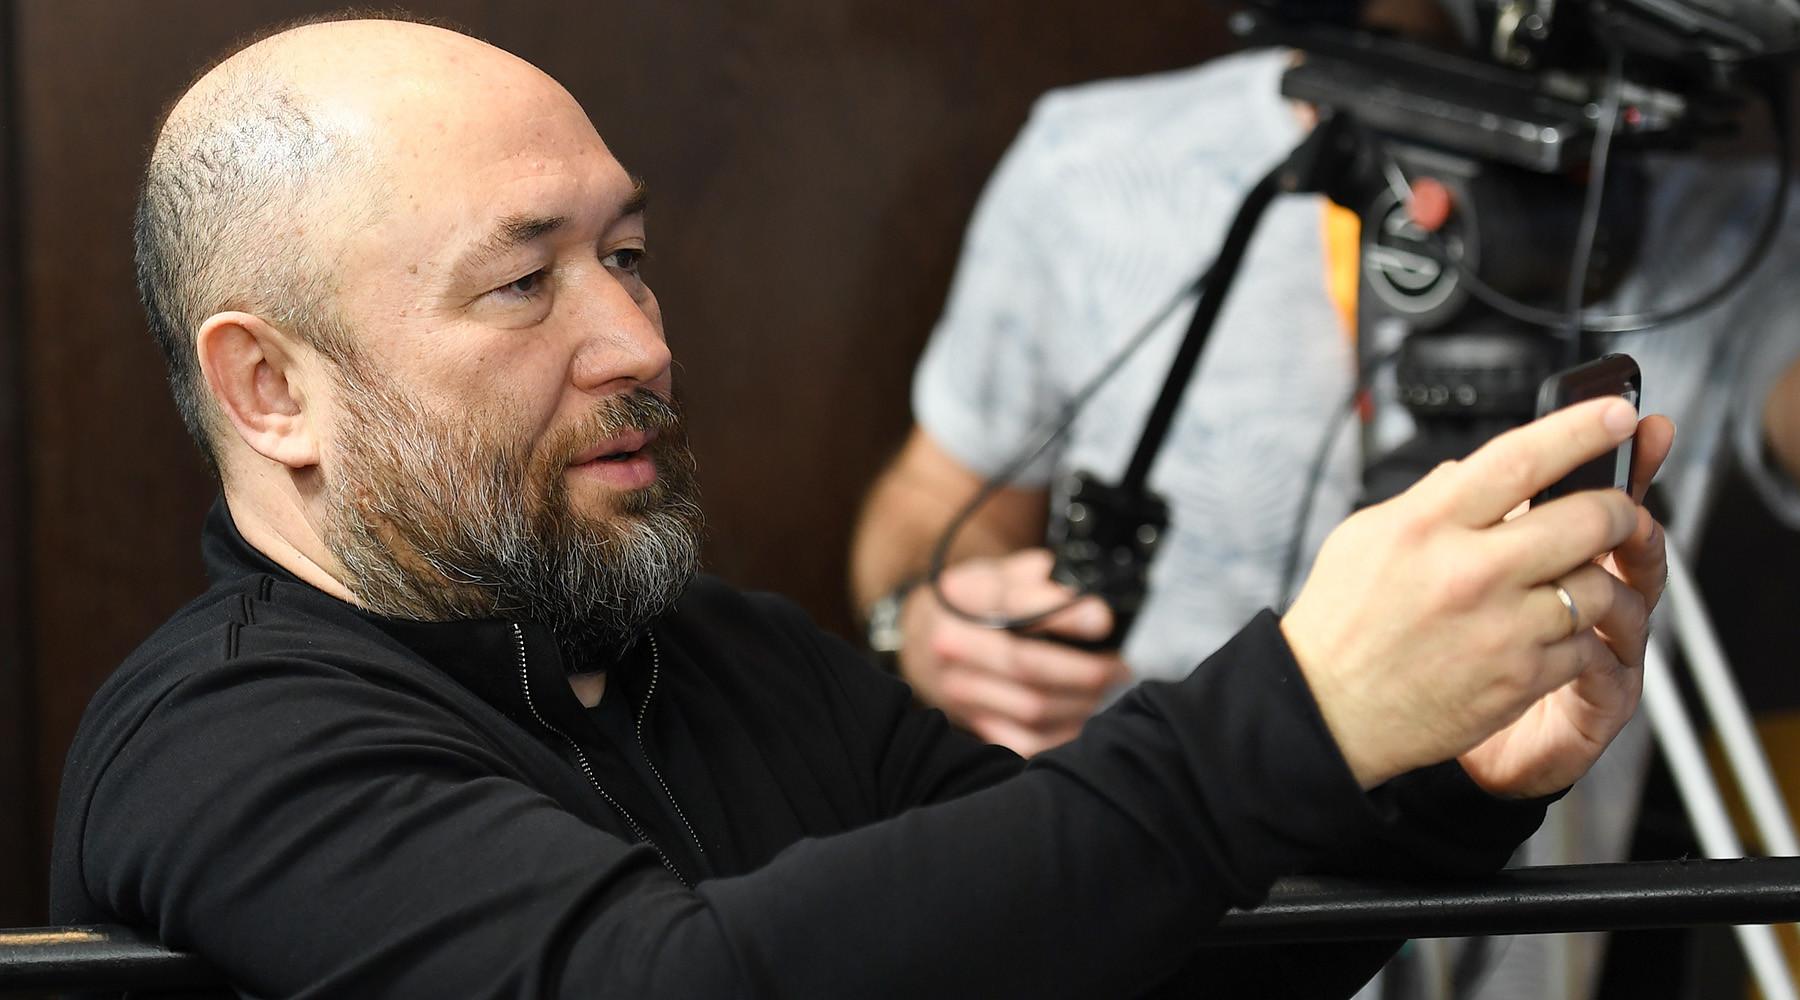 Тимур Бекмамбетов закончил съемки фильма, над которым работал 5 лет